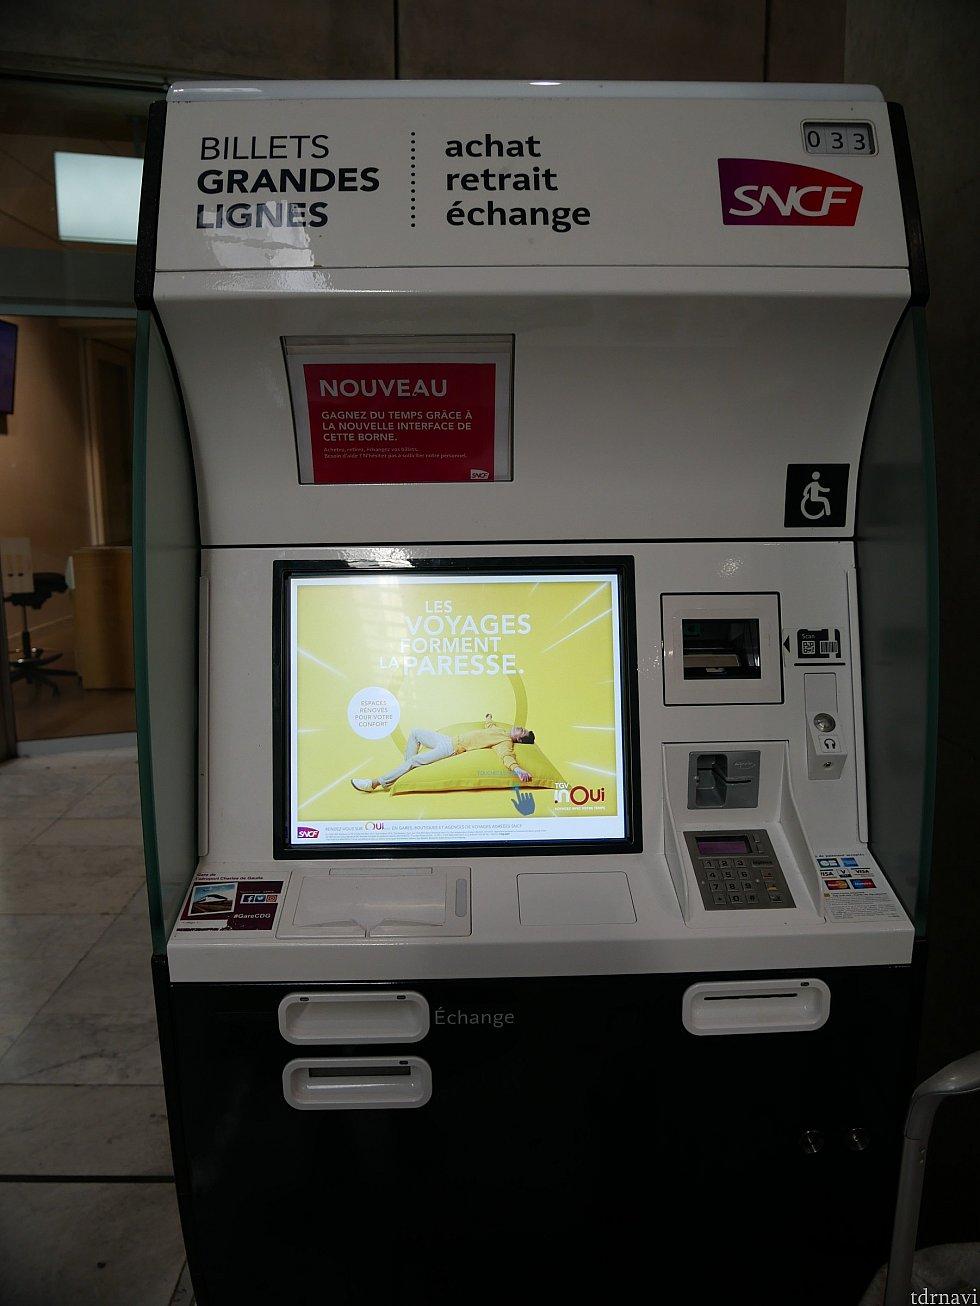 こちらがTGV用の券売機です。他にも同じように白くてSNCFと書かれた券売機がありますが、TGV用ではないです。このようにえぐれたカーブがある券売機を探してください💦